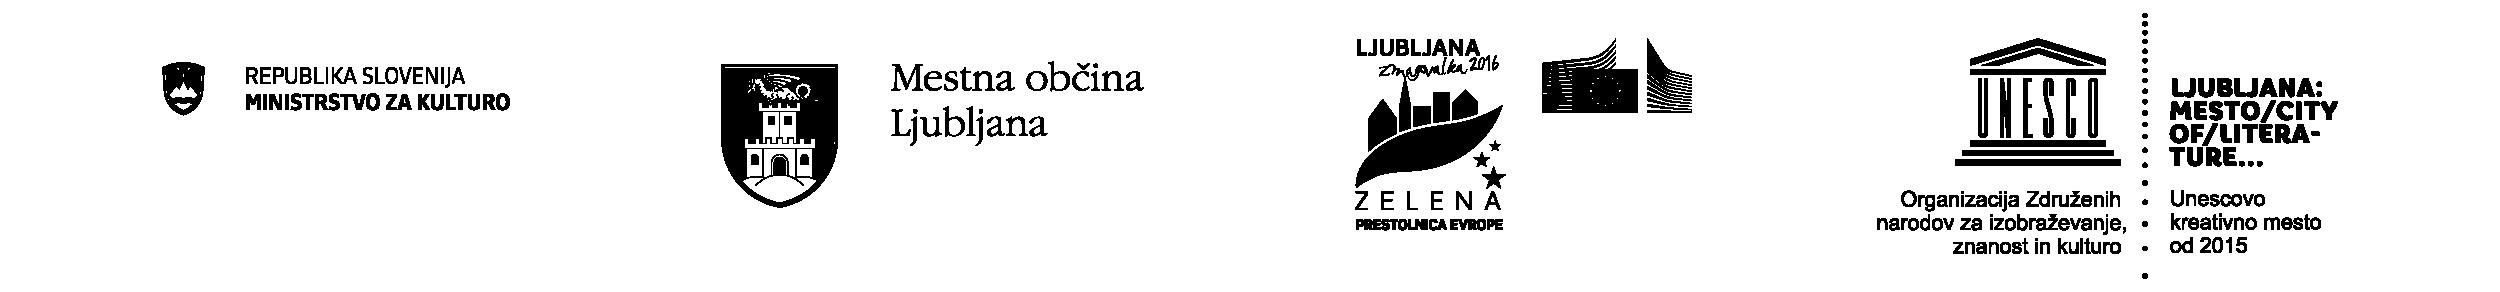 logos1-01.png